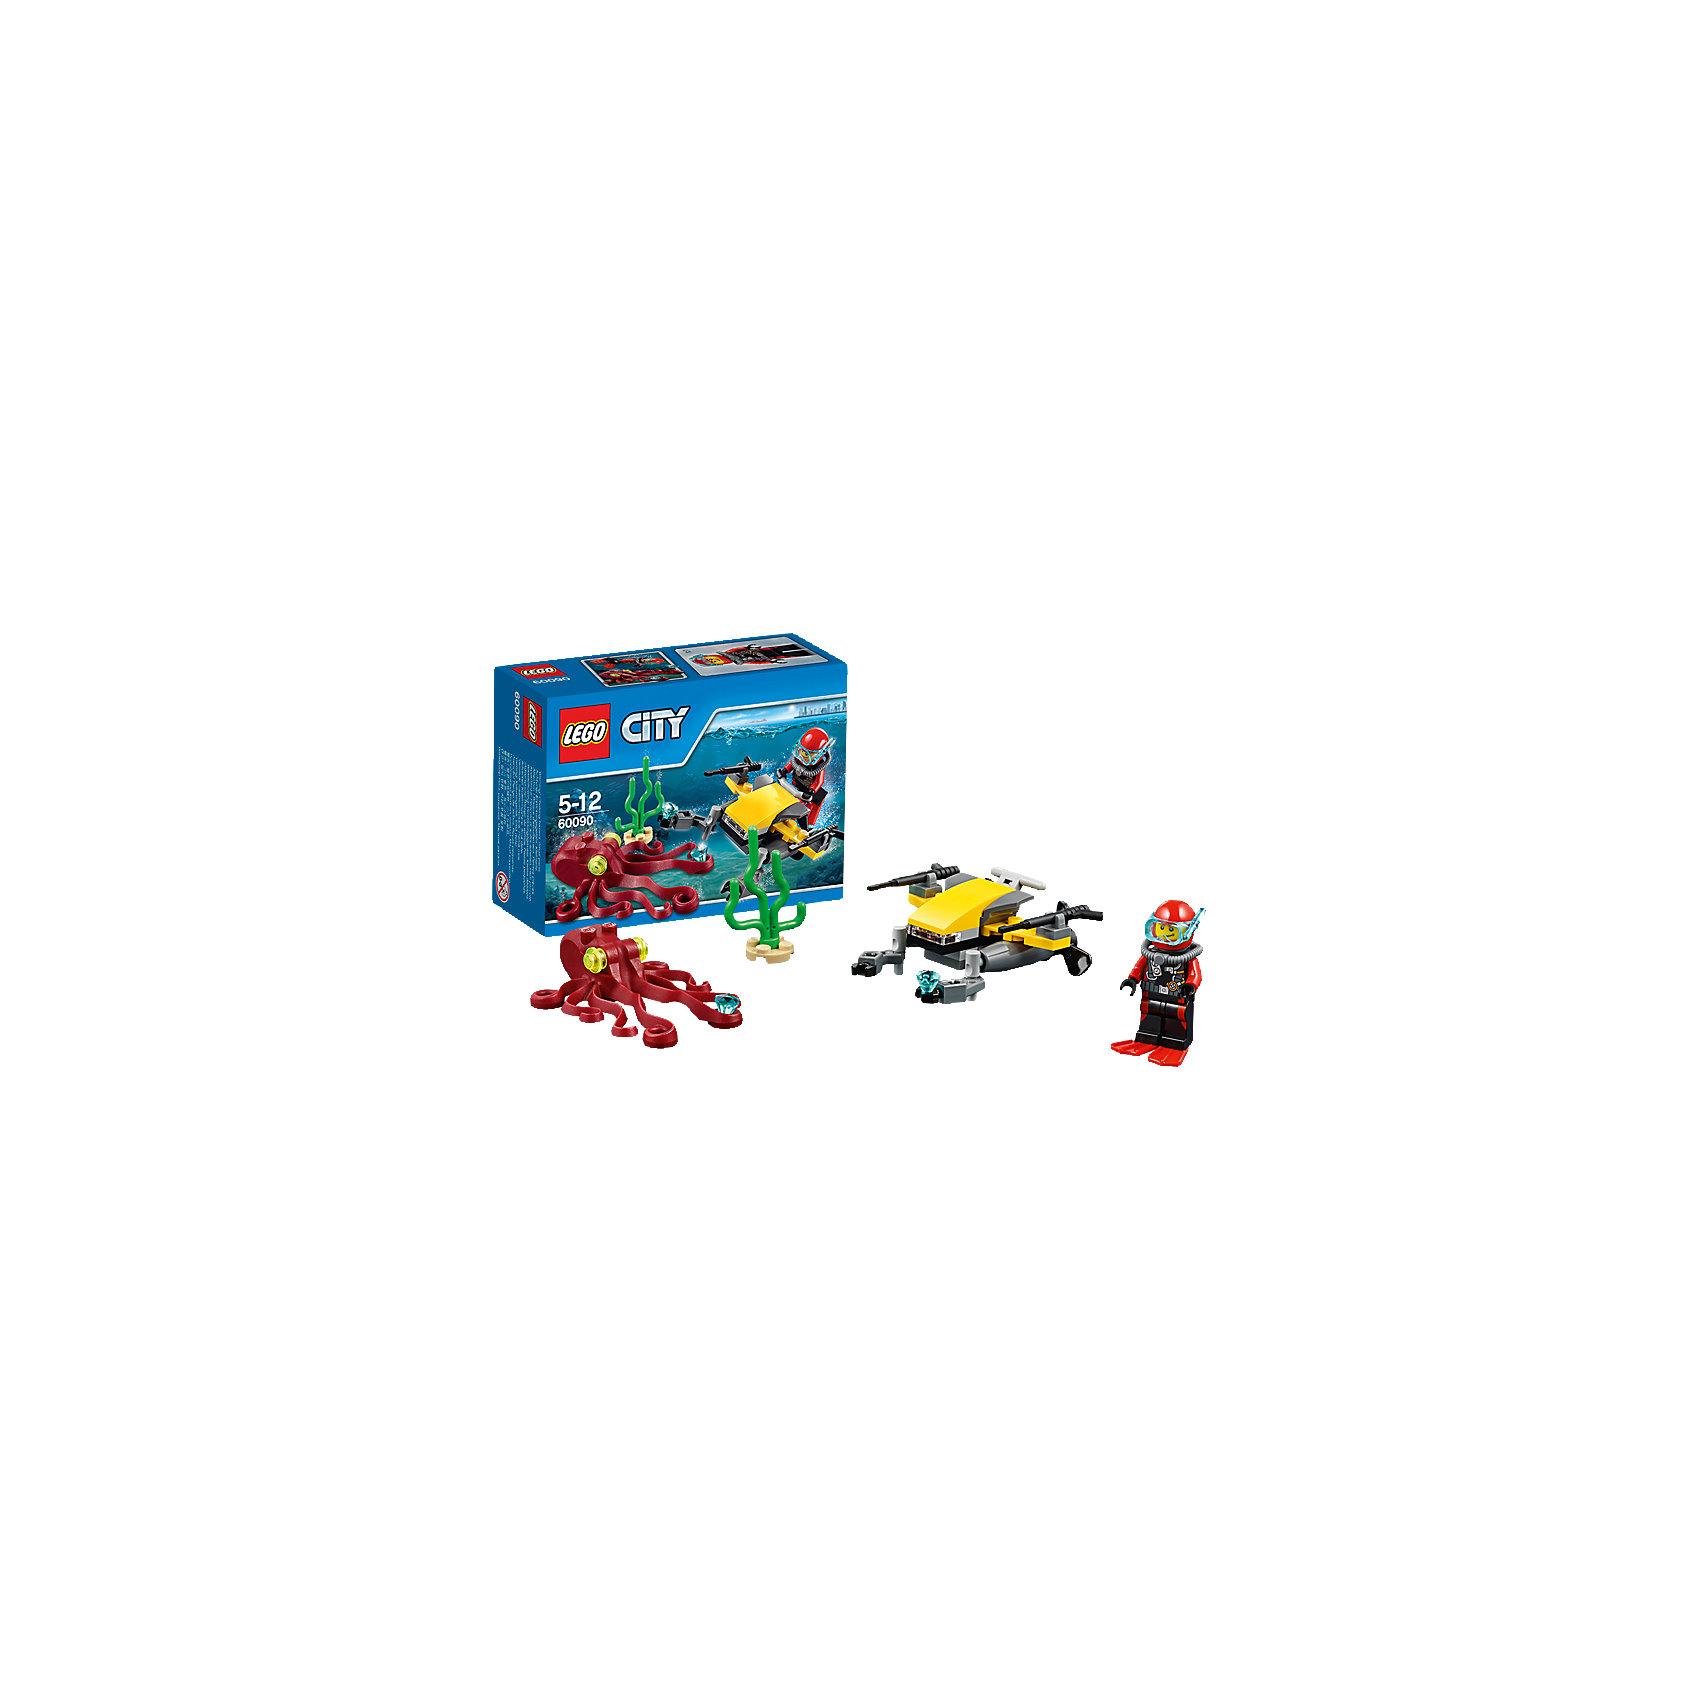 LEGO LEGO City 60090: Глубоководный скутер lego city 60110 лего город пожарная часть